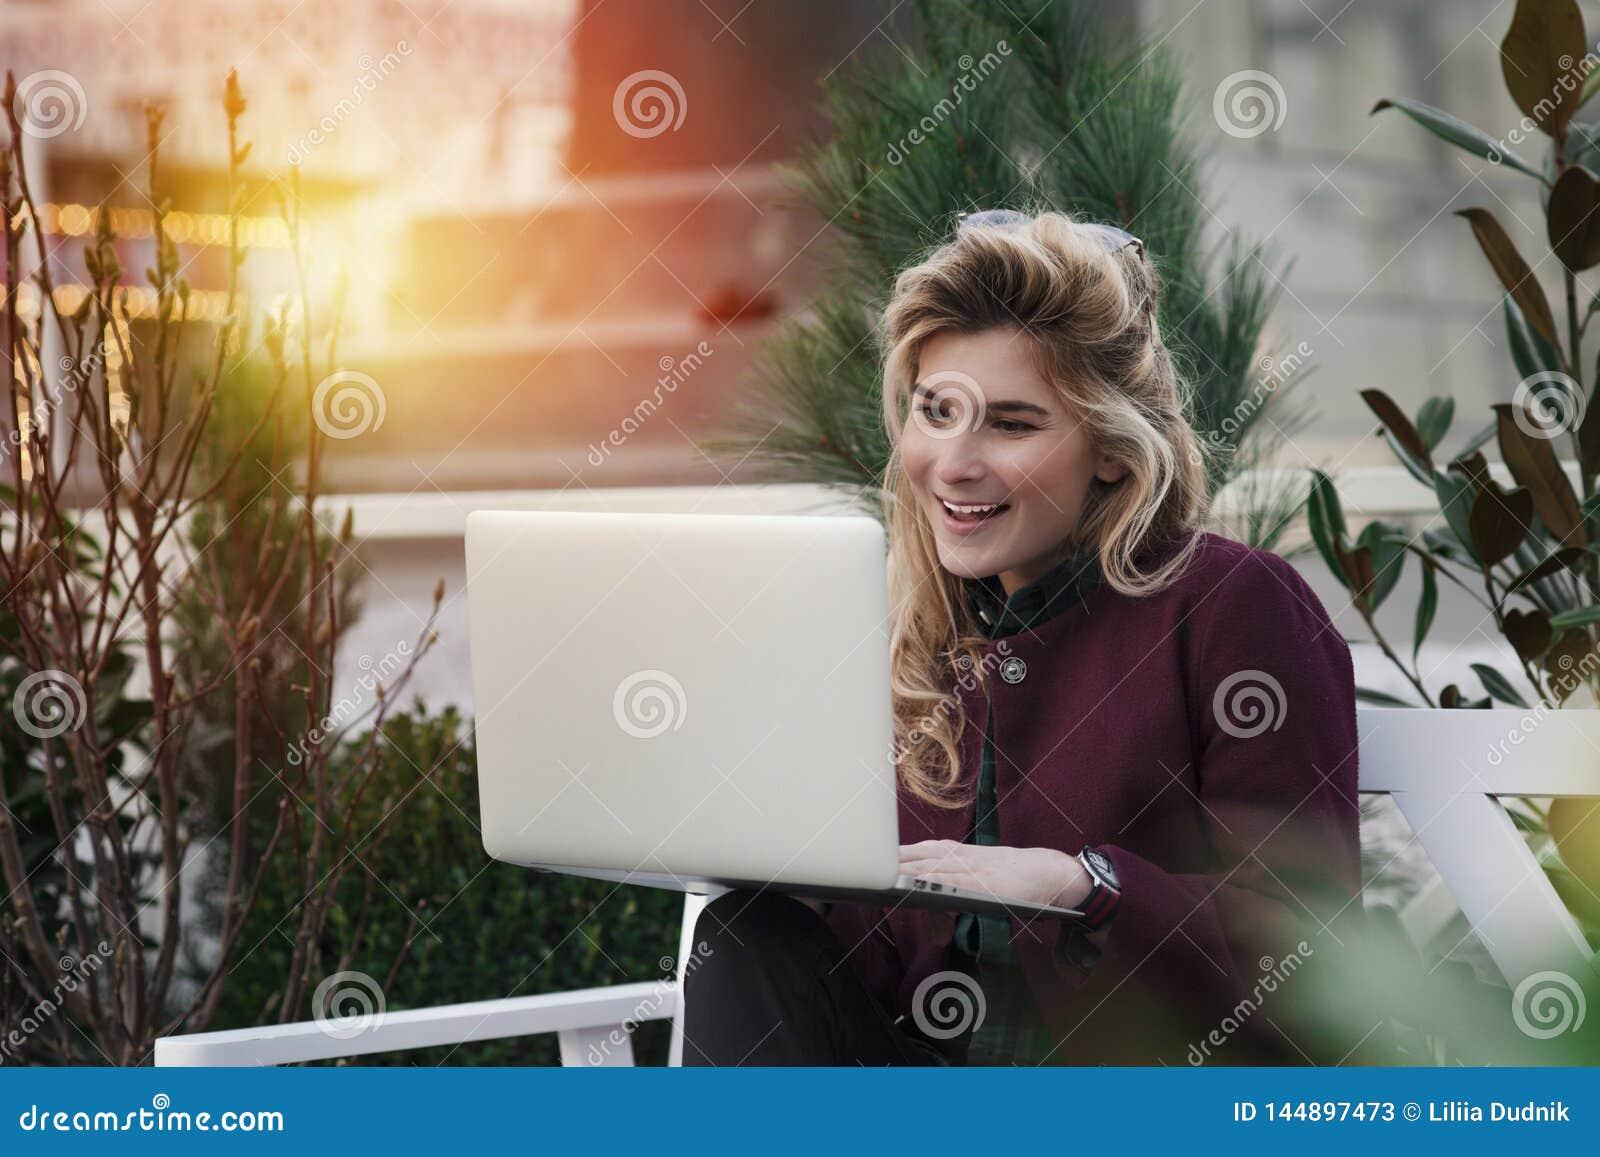 Το όμορφο κορίτσι κάθεται σε έναν πάγκο με ένα lap-top στα χέρια της σε μια